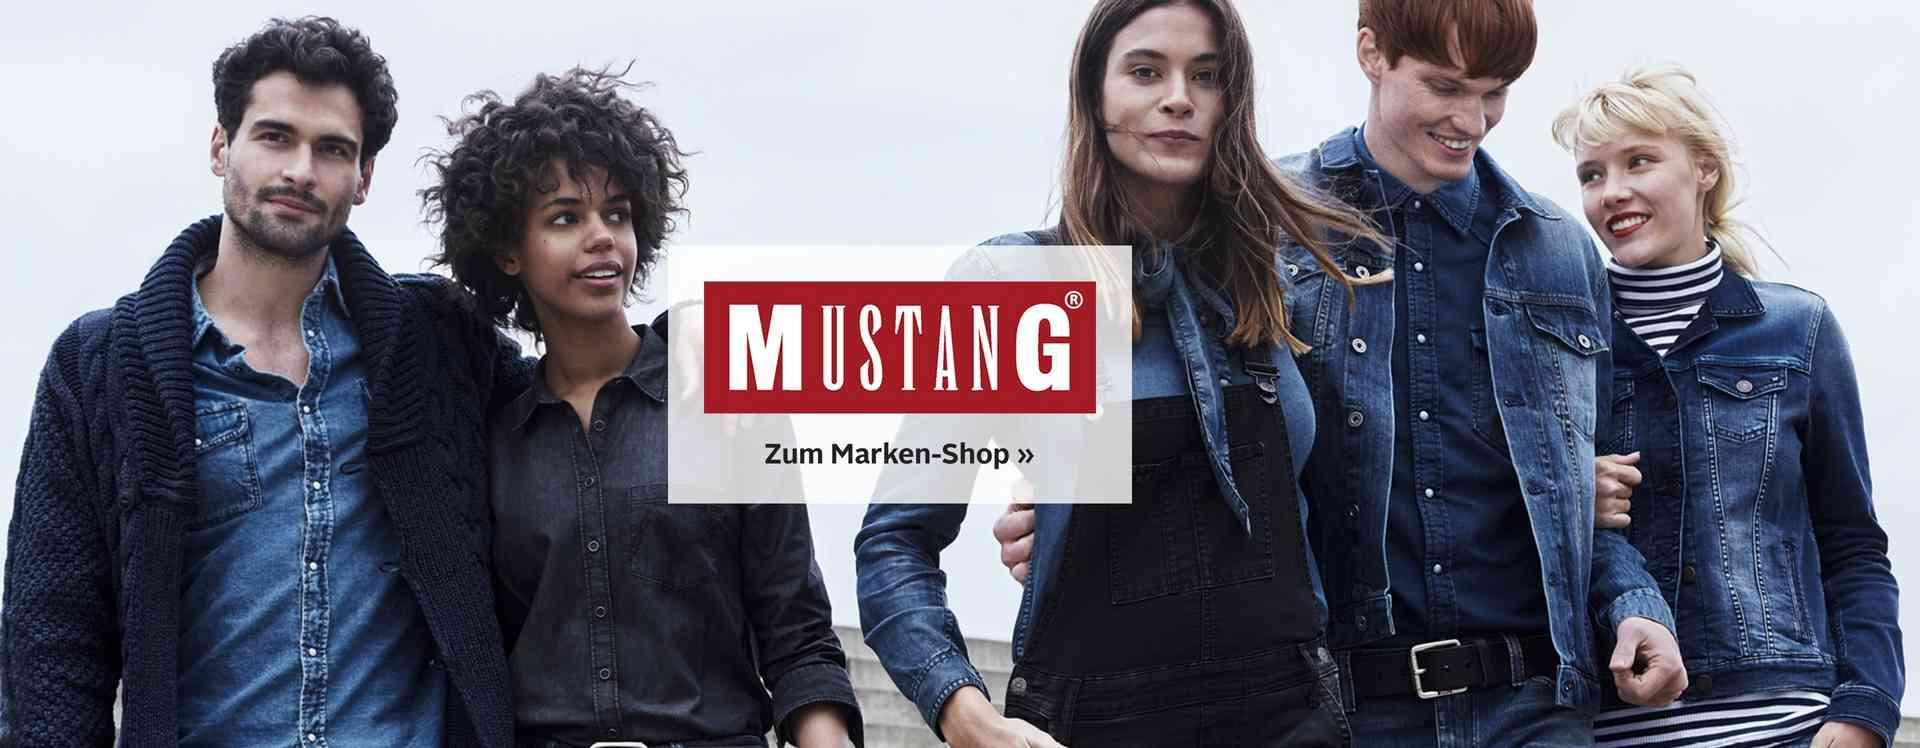 Die erste Damenjeans, die erste Stretchjeans, die erste Cordjeans in Europa: Mustang macht den Stoff, aus dem Geschichten geschrieben werden. Immer natürlich und authentisch, innovativ und kreativ.